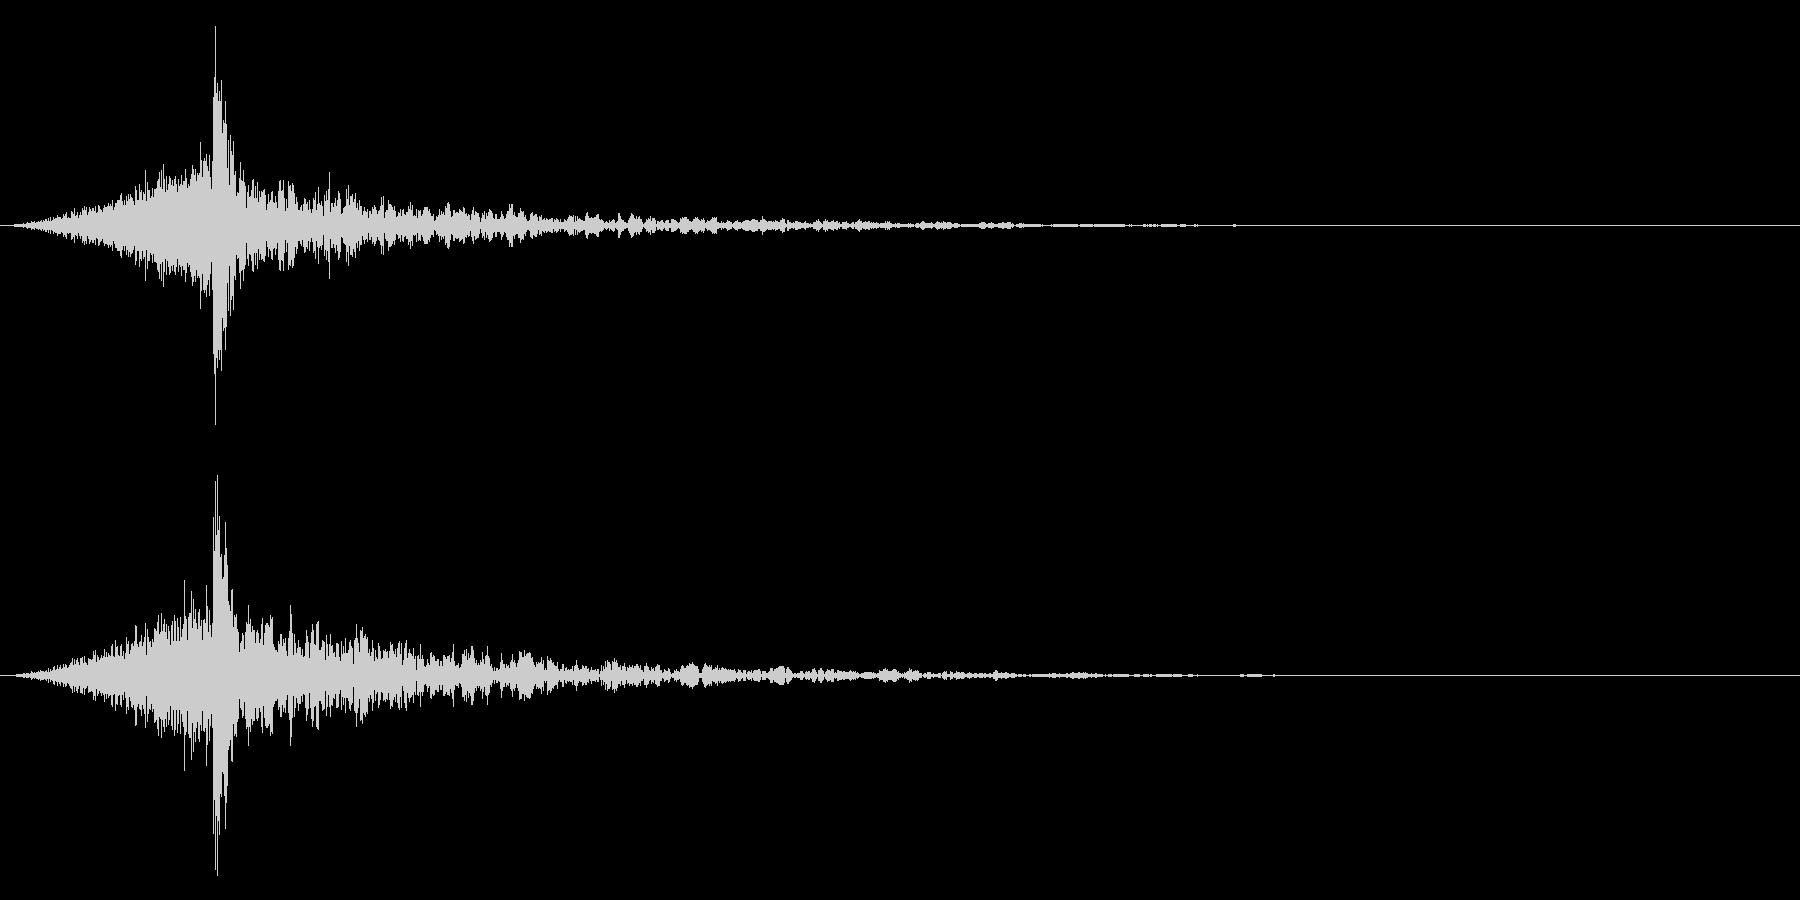 シュードーン-45-4(インパクト音)の未再生の波形